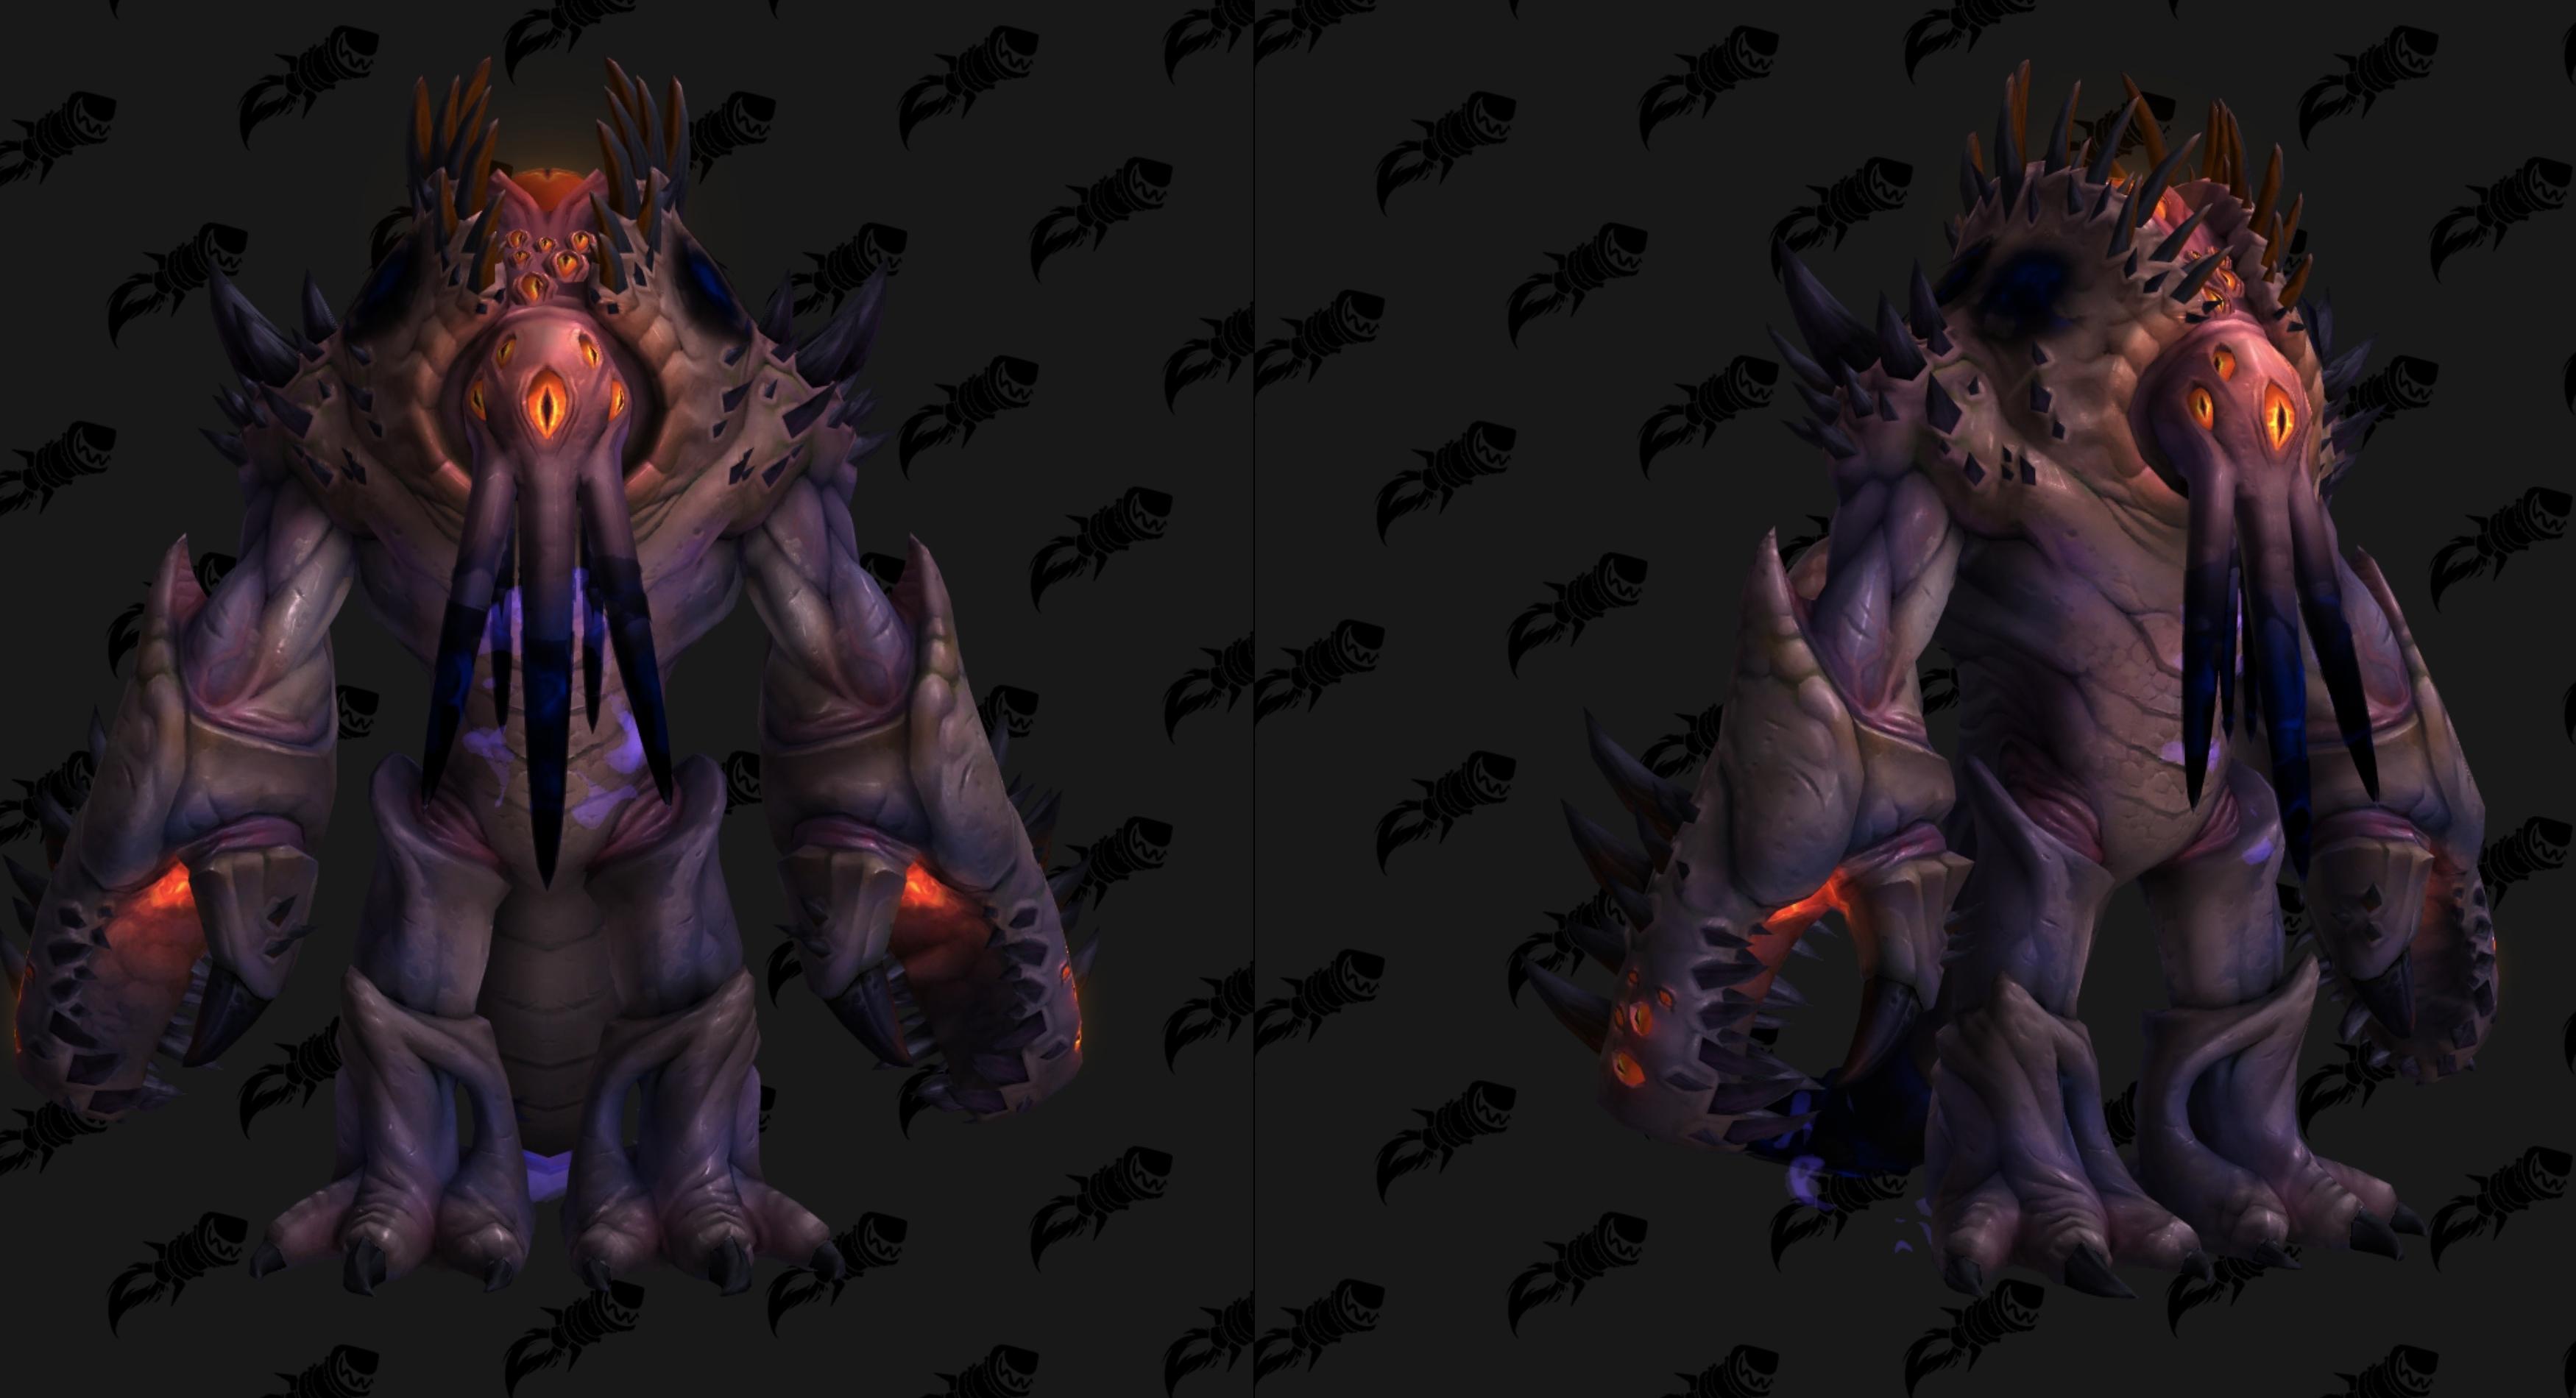 Nouveau modèle d'Avatar de N'Zoth au patch 8.3 de BFA